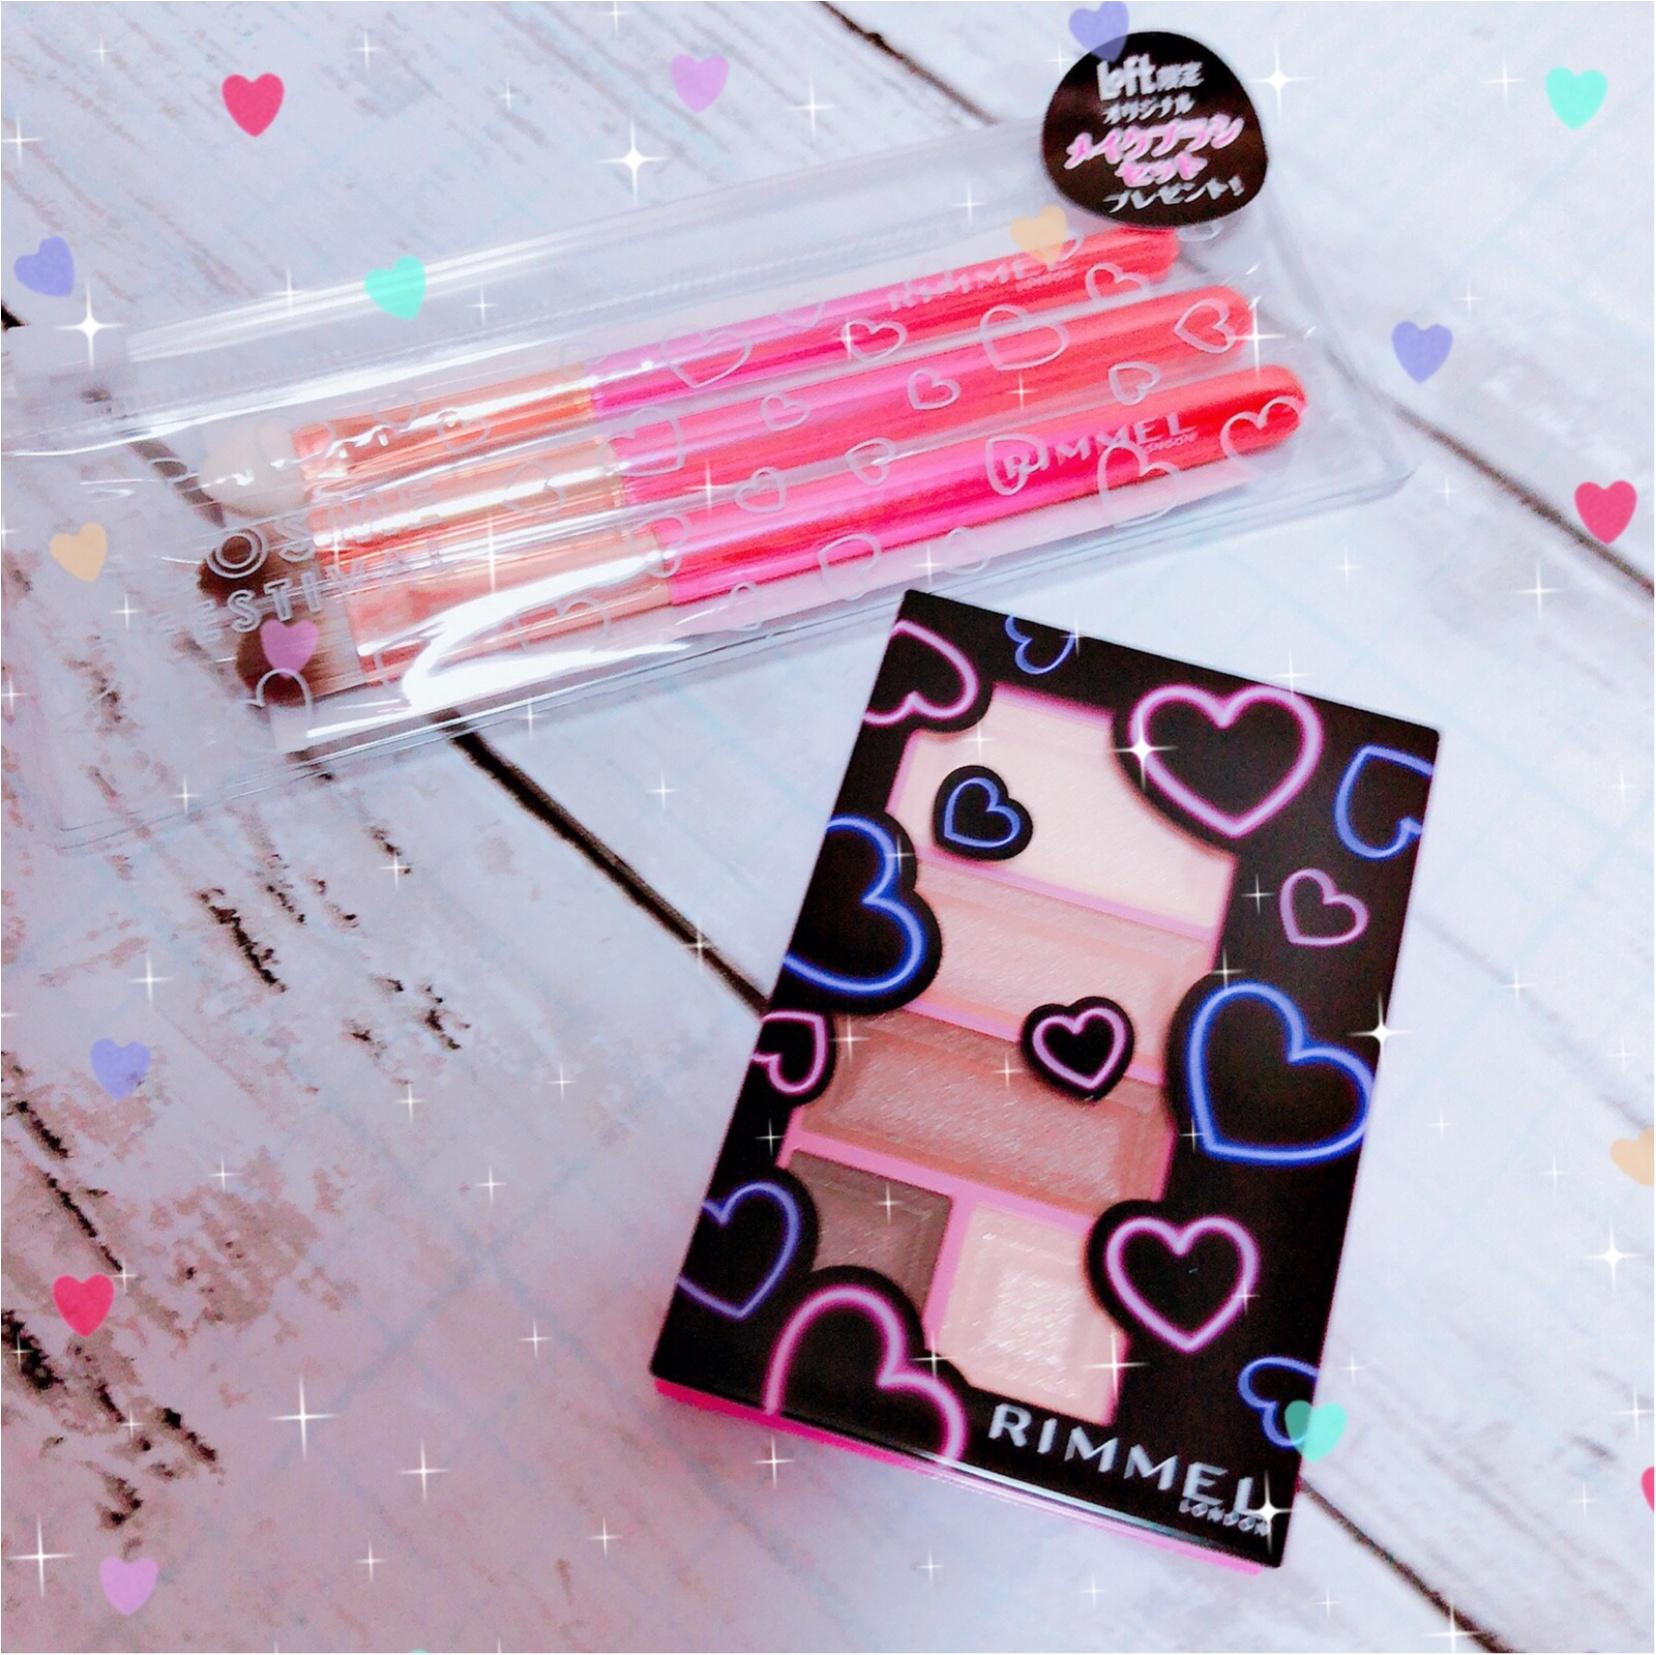 気になるコスメが沢山♡ロフトのコスメフェスティバル☆今回のデザインテーマは*「Neon Pink Party!!」(ネオンピンクパーティ)*_1